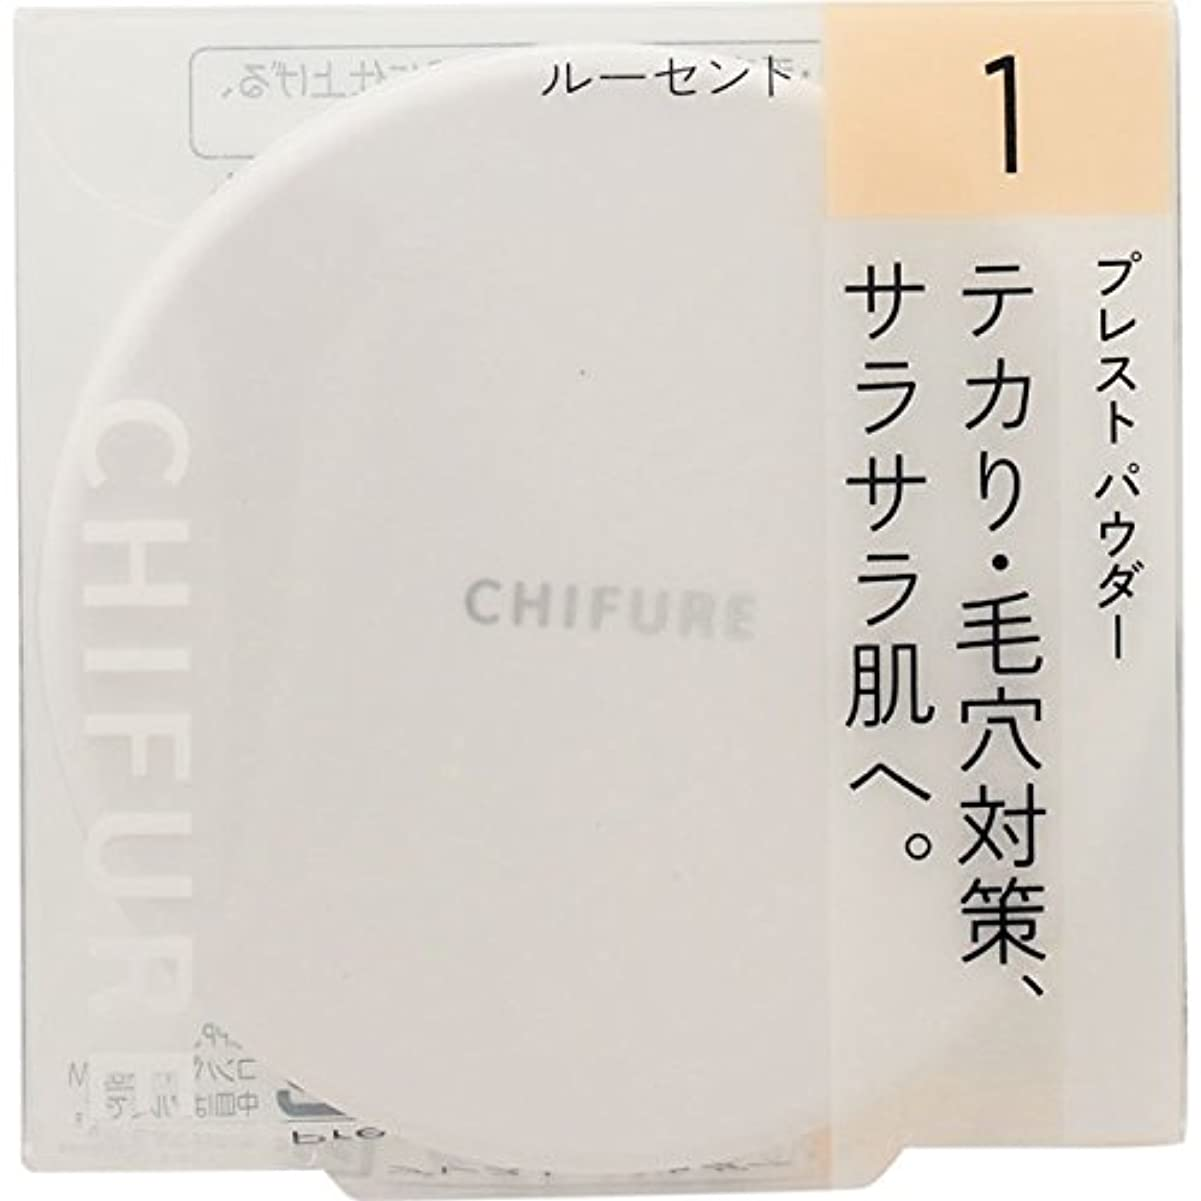 フルートチーターテープちふれ化粧品 ちふれ プレストパウダーS 1 プレストパウダーS1